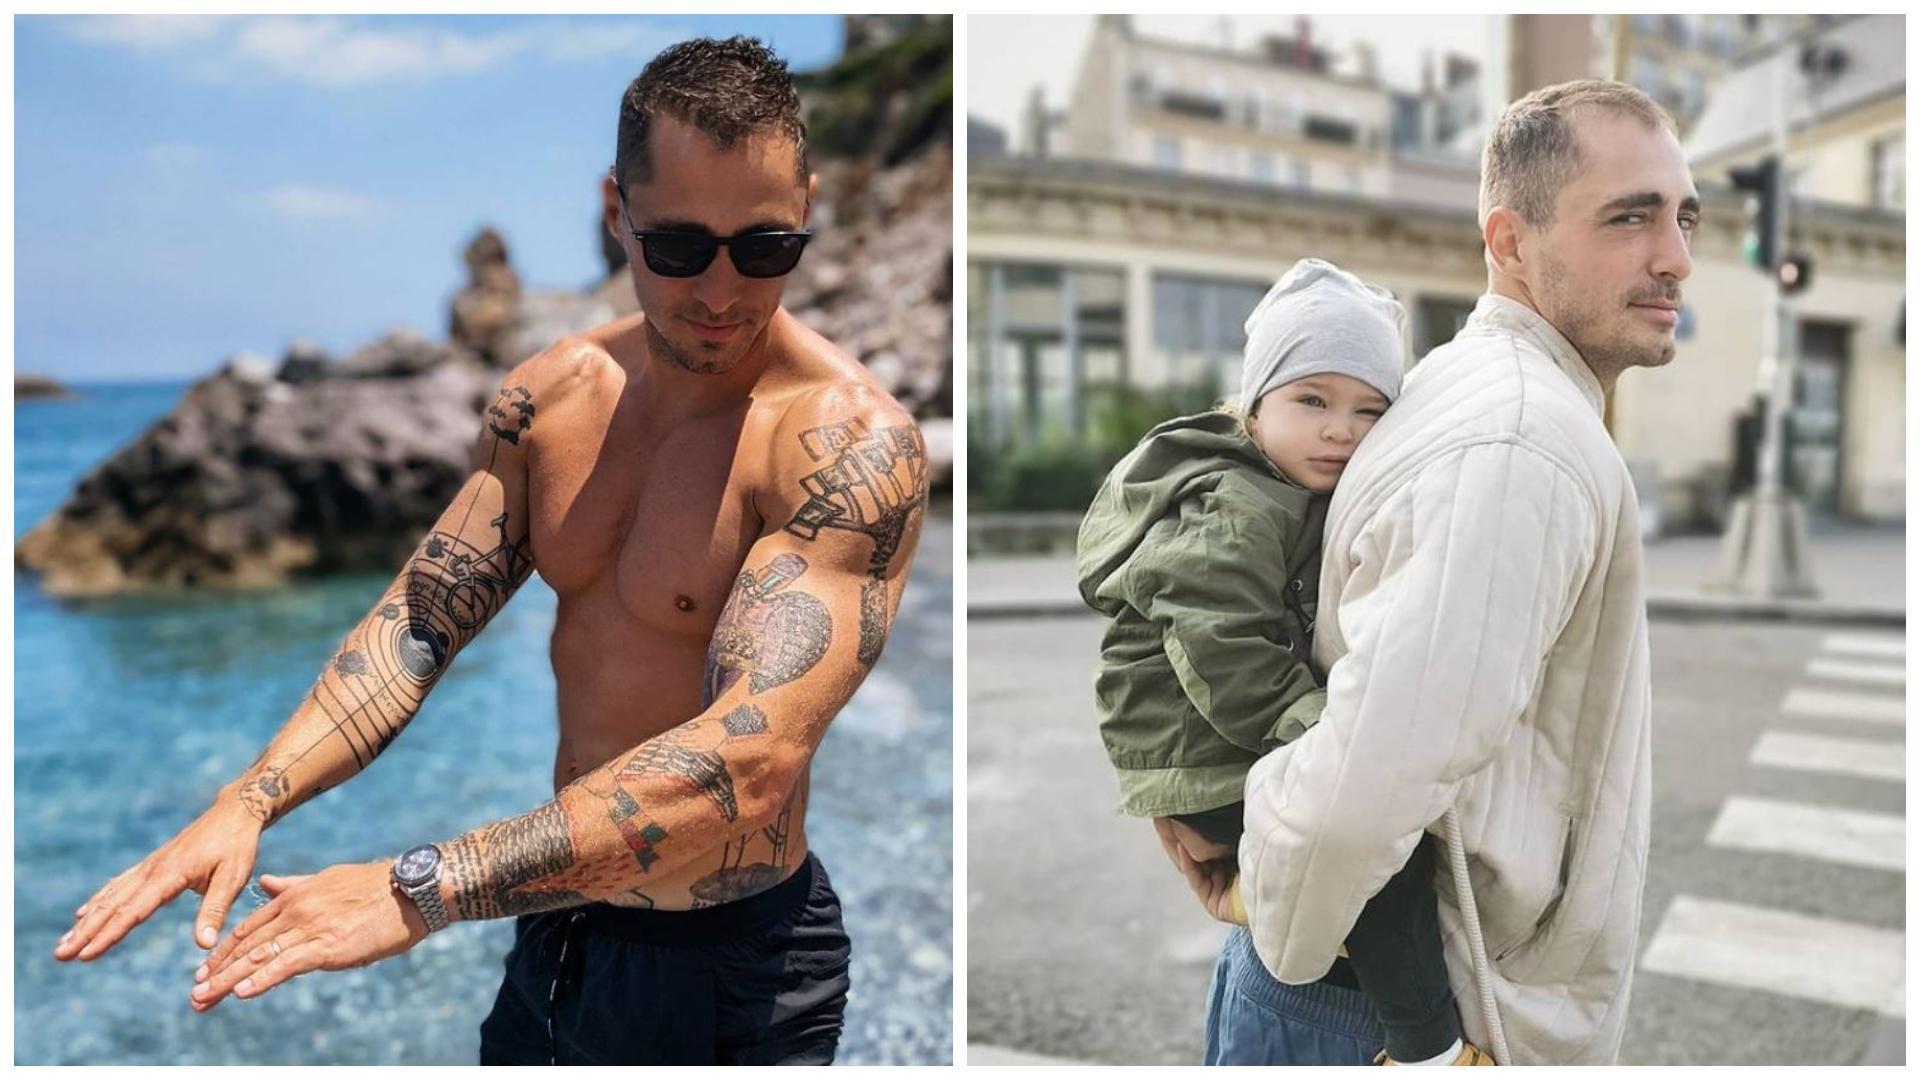 Cât de mult a crescut fiica lui Vladimir Drăghia. Micuța și tatăl său au fost filmați într-o ipostază adorabilă la piscină